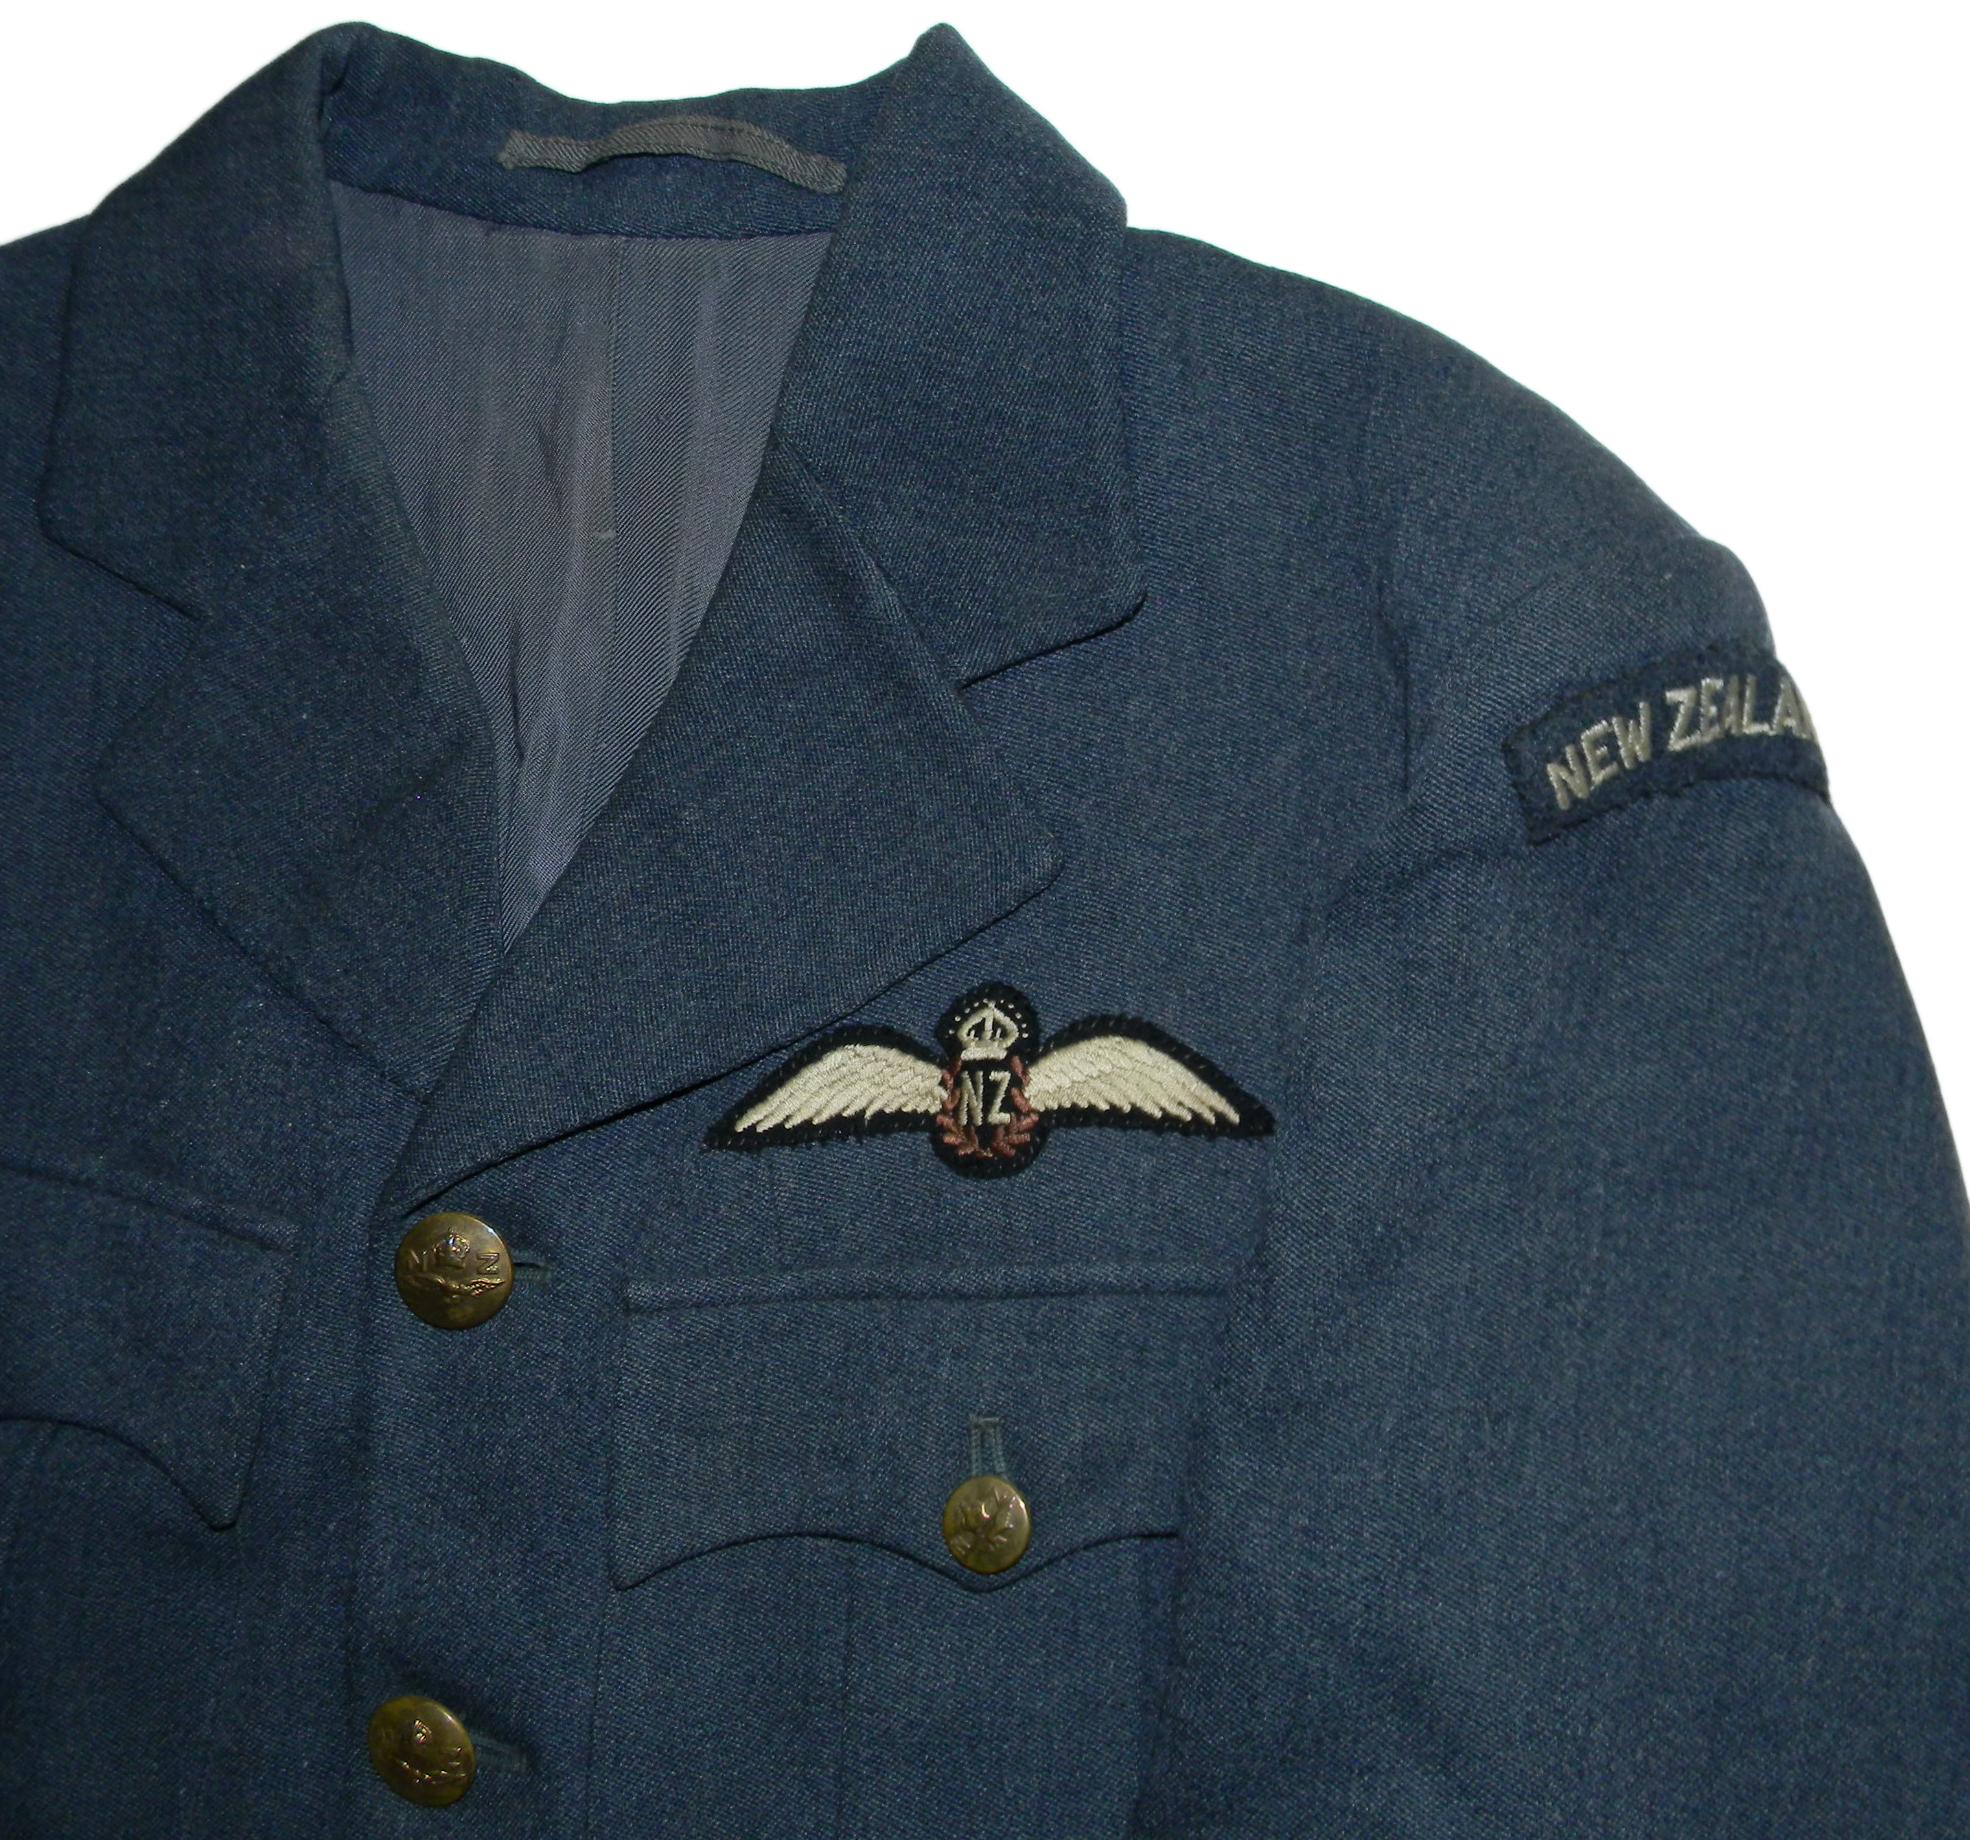 Uniform Chisholm RNZAF